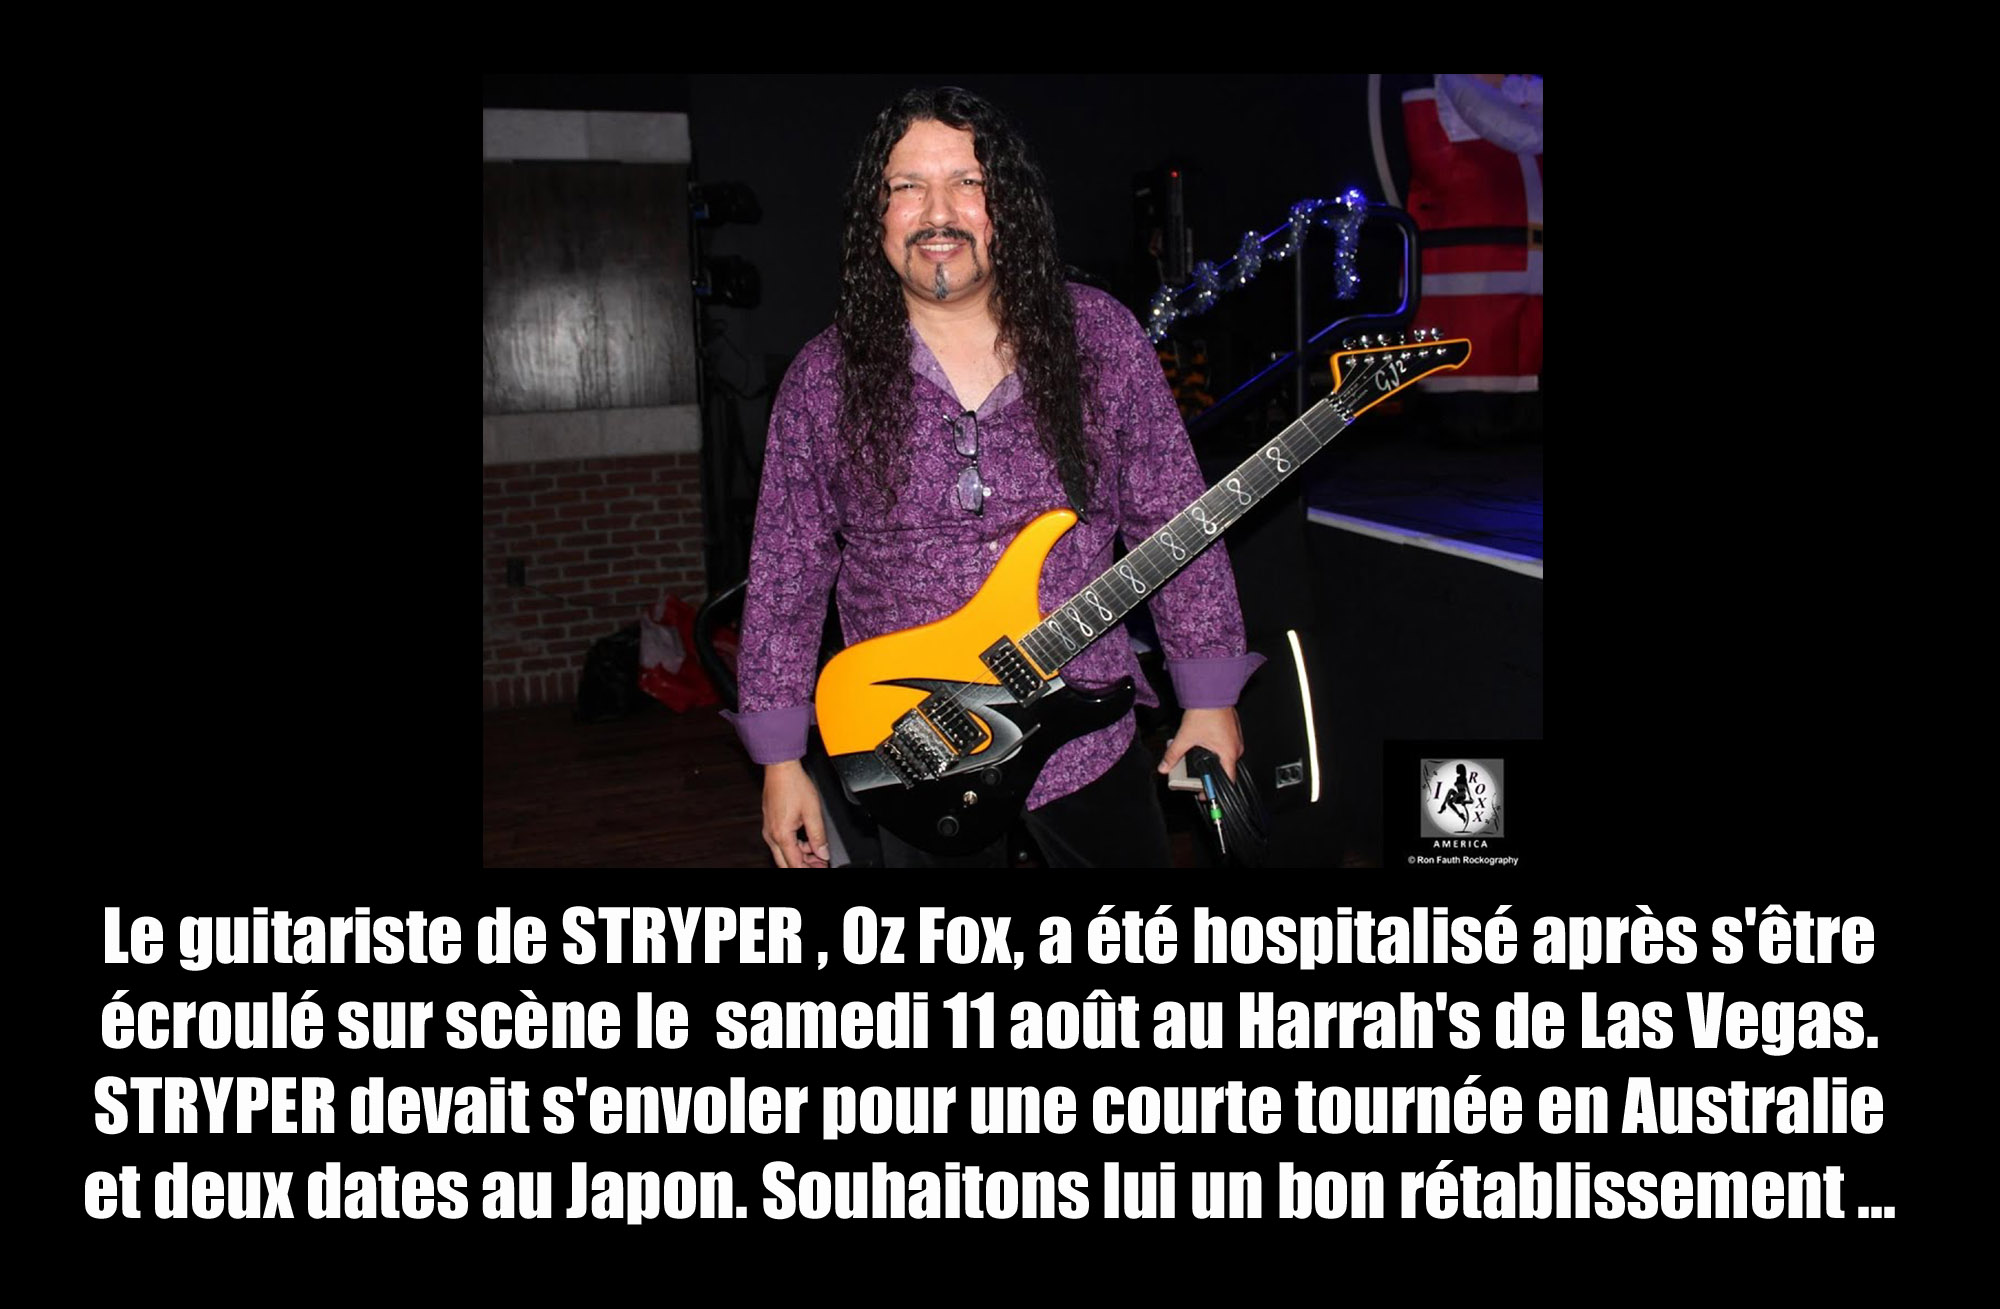 OZ FOX guitariste de STRYPER s'écroule sur scène ... Sans_156